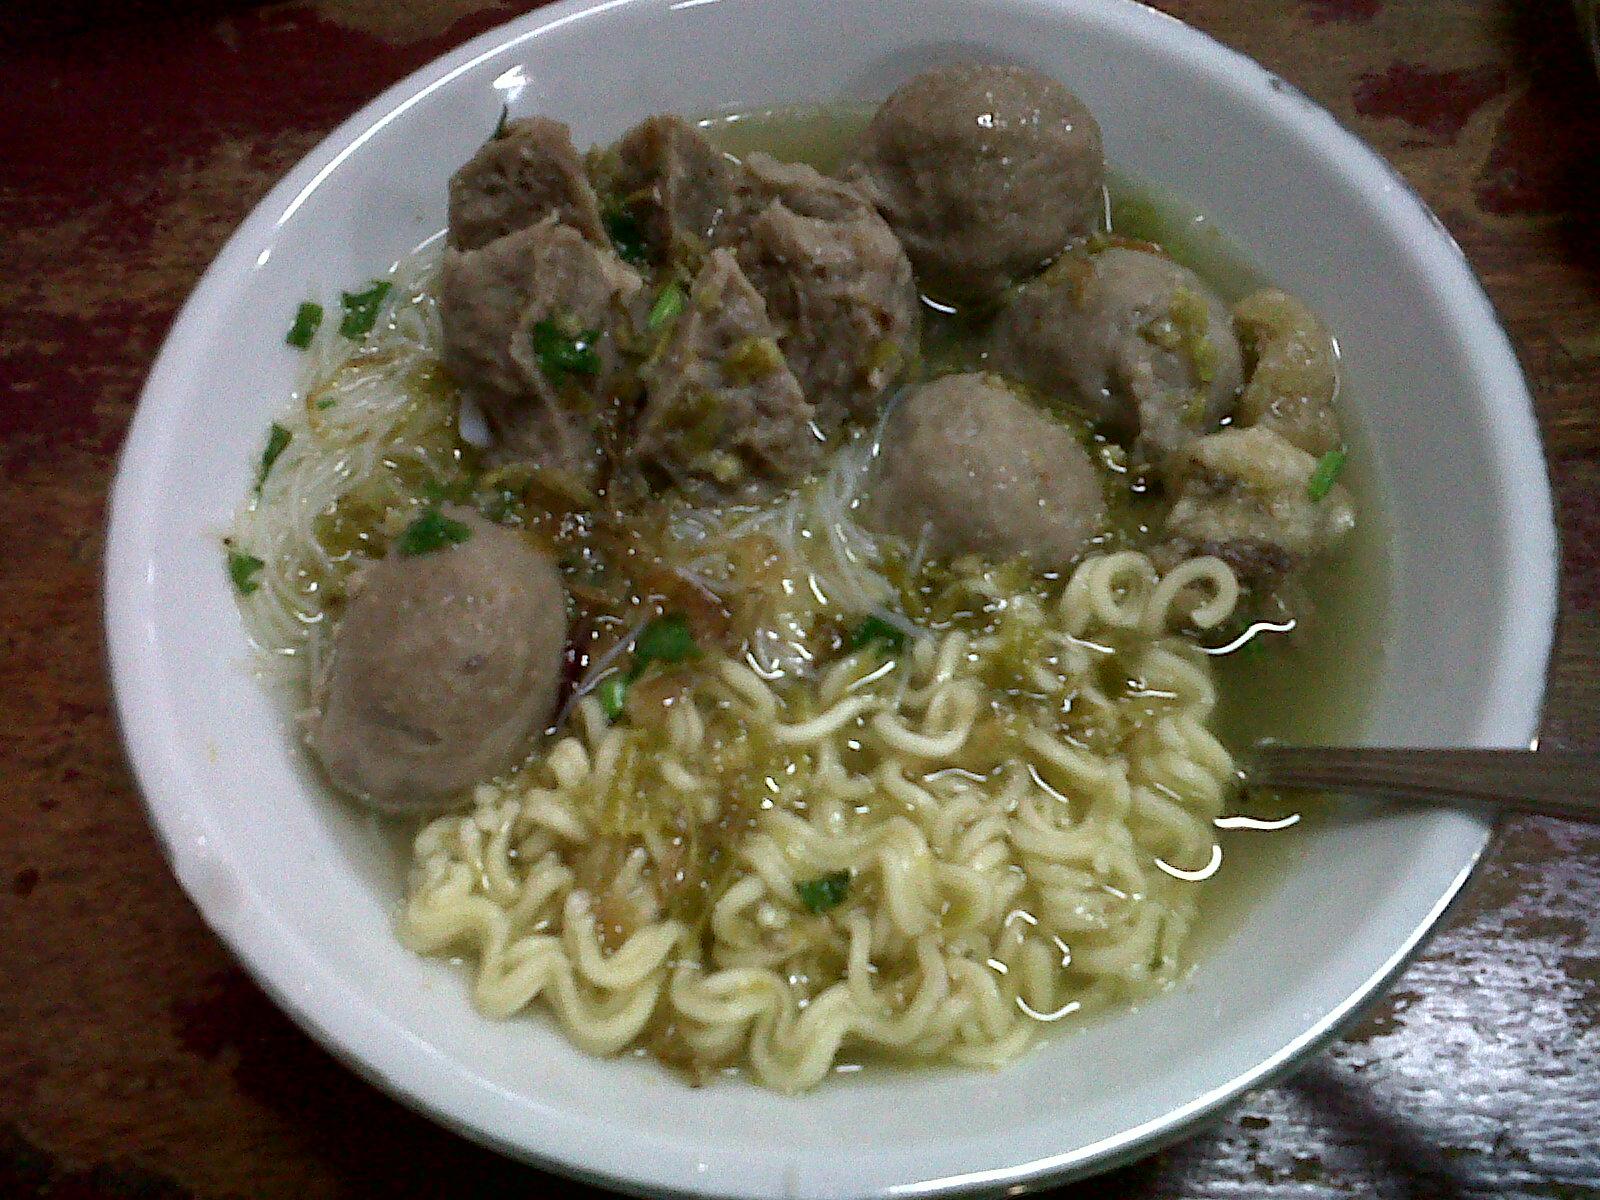 Kfc Jln Raya Bogor Bogor Travel Guide Wikitravel Kulinerku Quot;baso Bobohoquot;